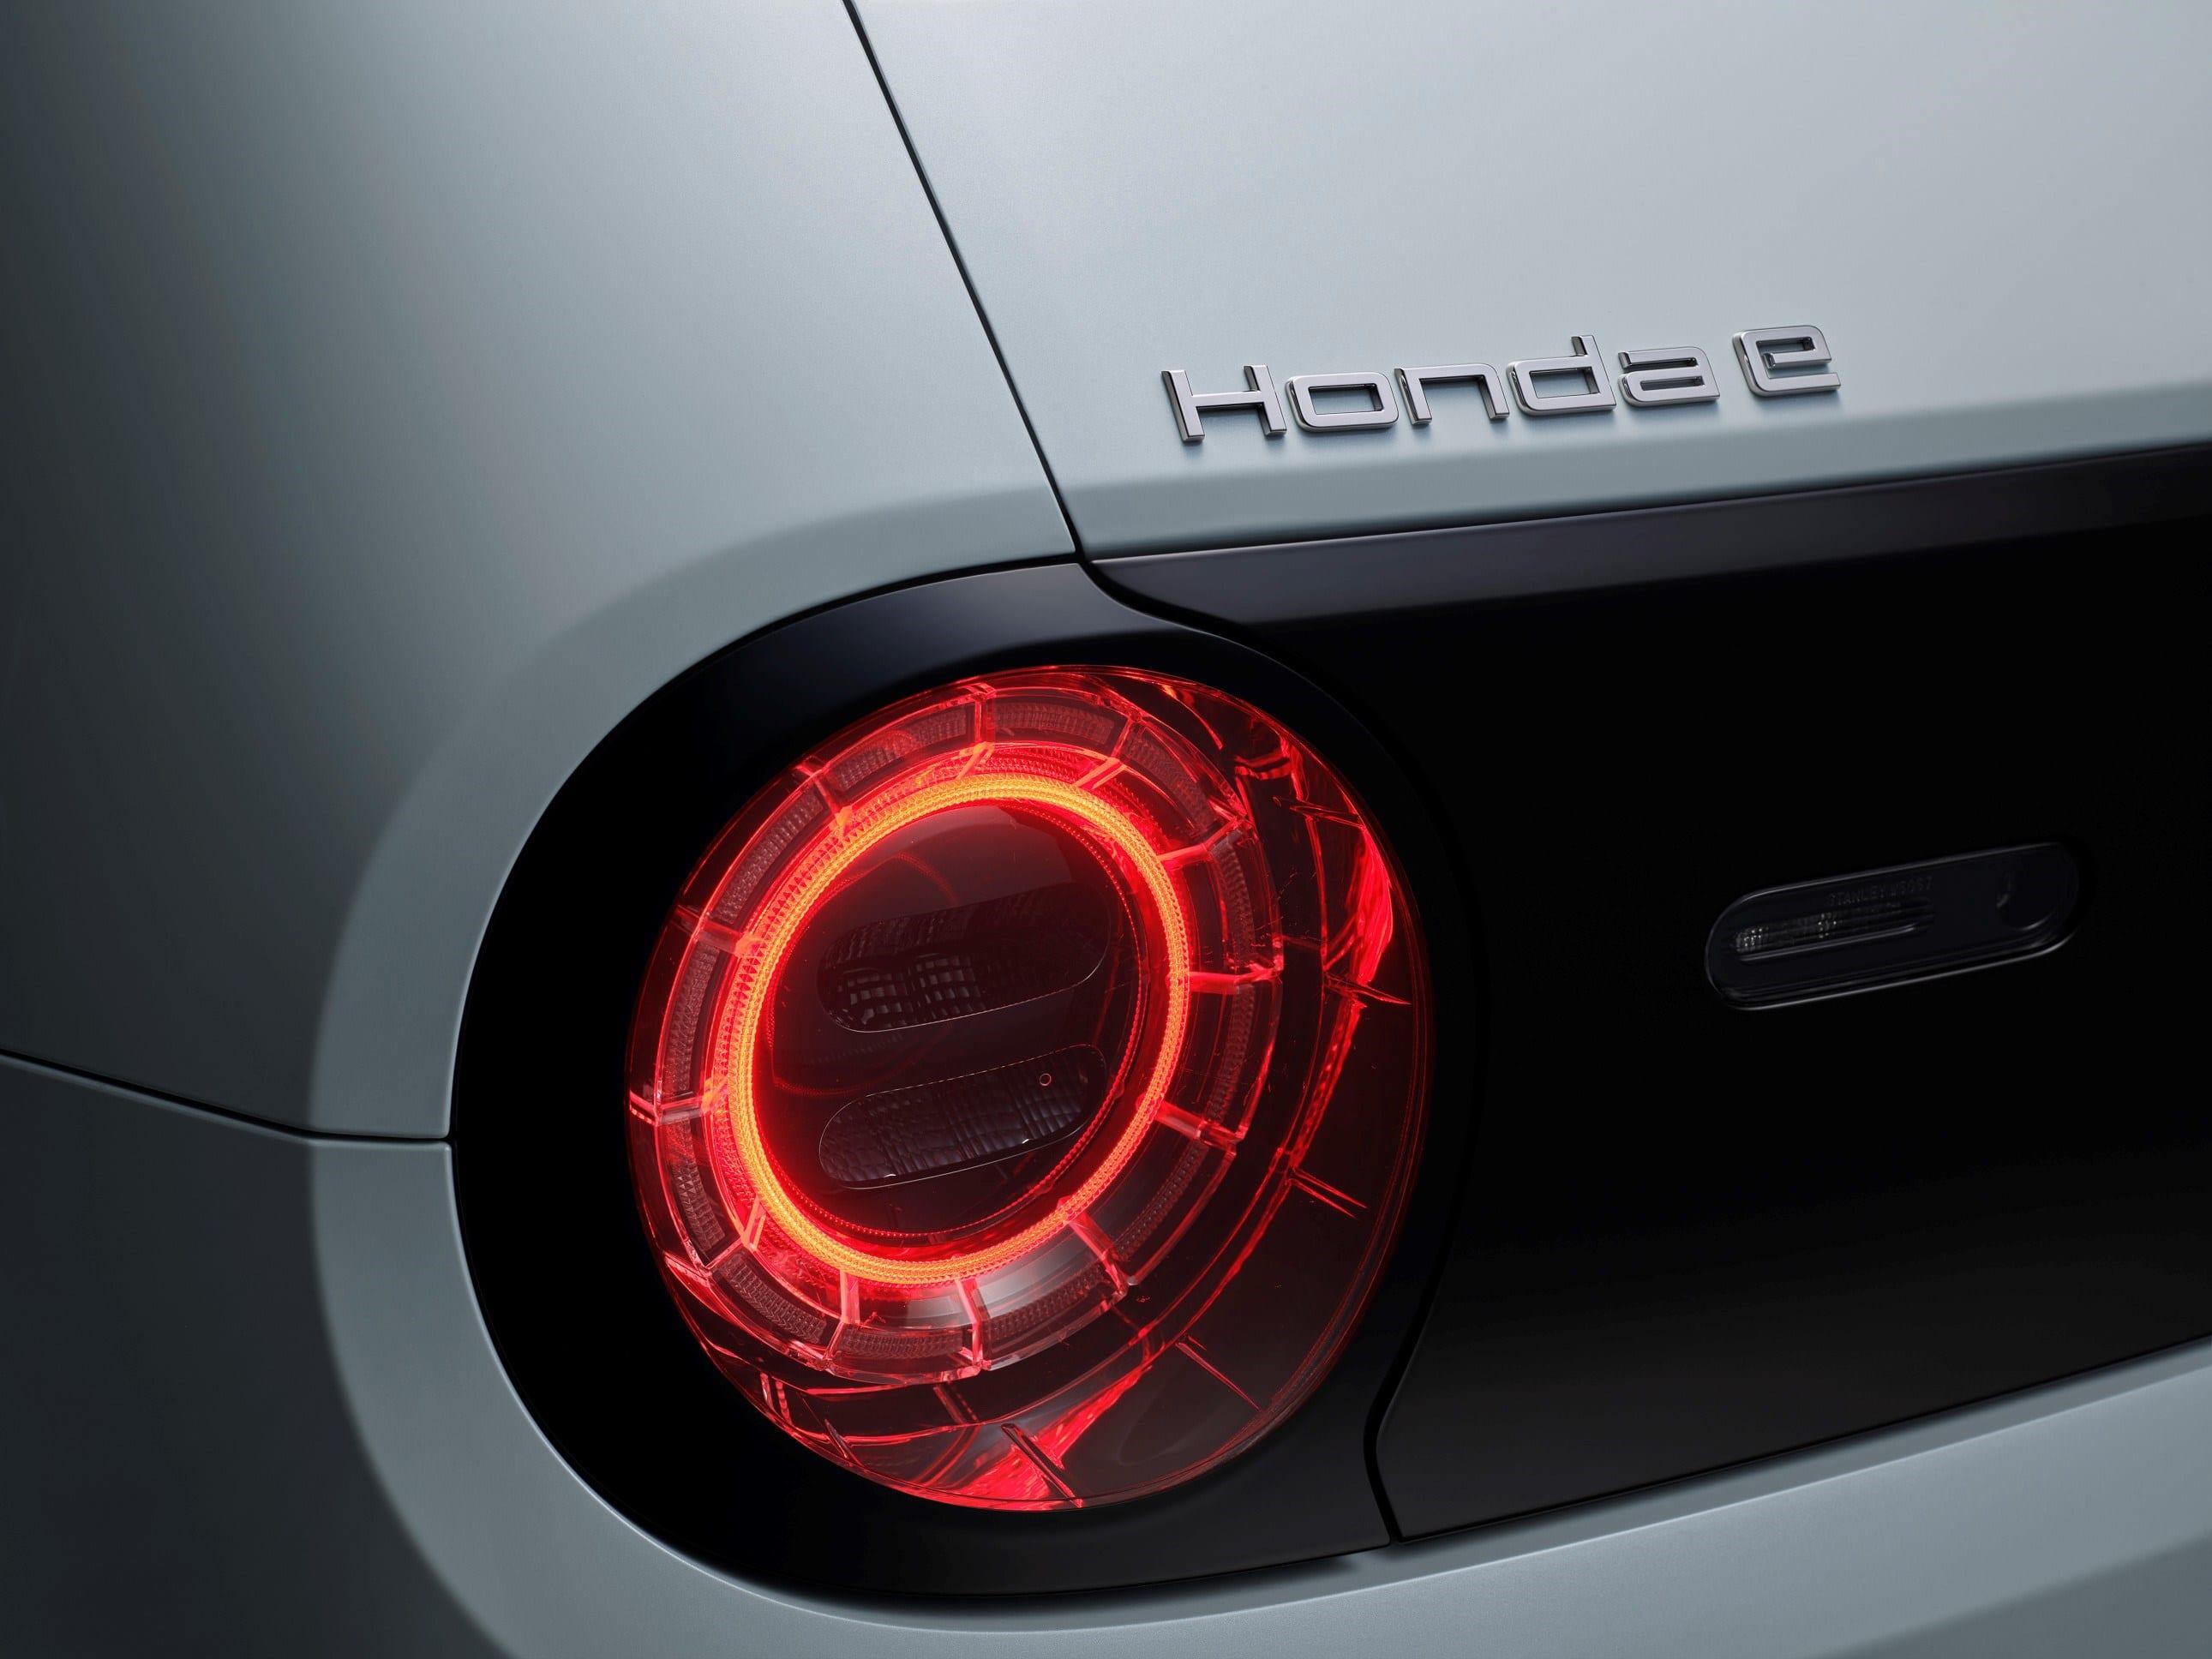 Plezierig om in te rijden, veilig en aantrekkelijk voor het oog. De Honda e is de belichaming van moderne waarden en hoe we vandaag de dag rijden... en in de toekomst.